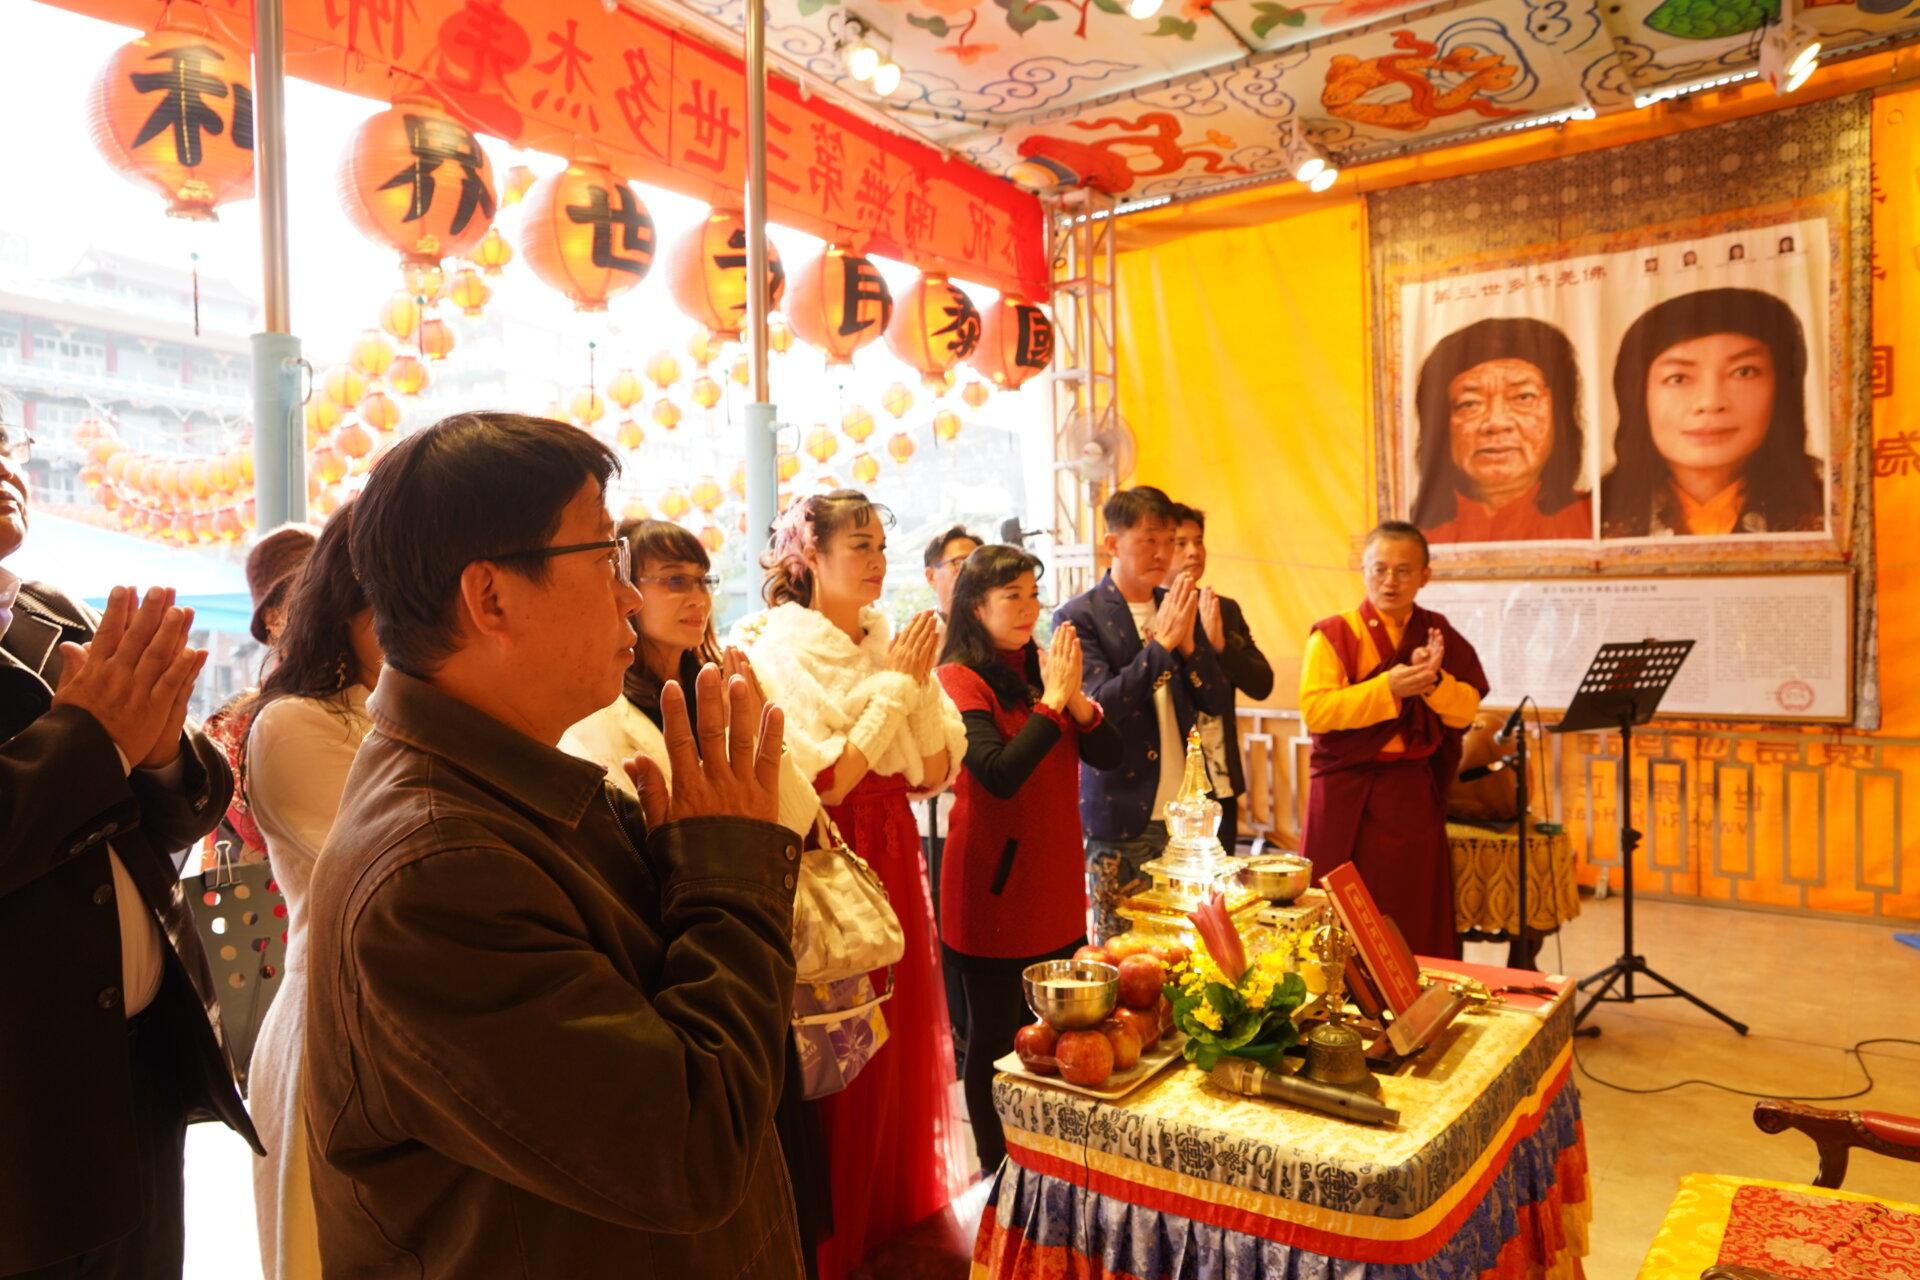 行動佛殿119站臺南麻豆,表演團體至佛殿頂禮諸佛菩薩